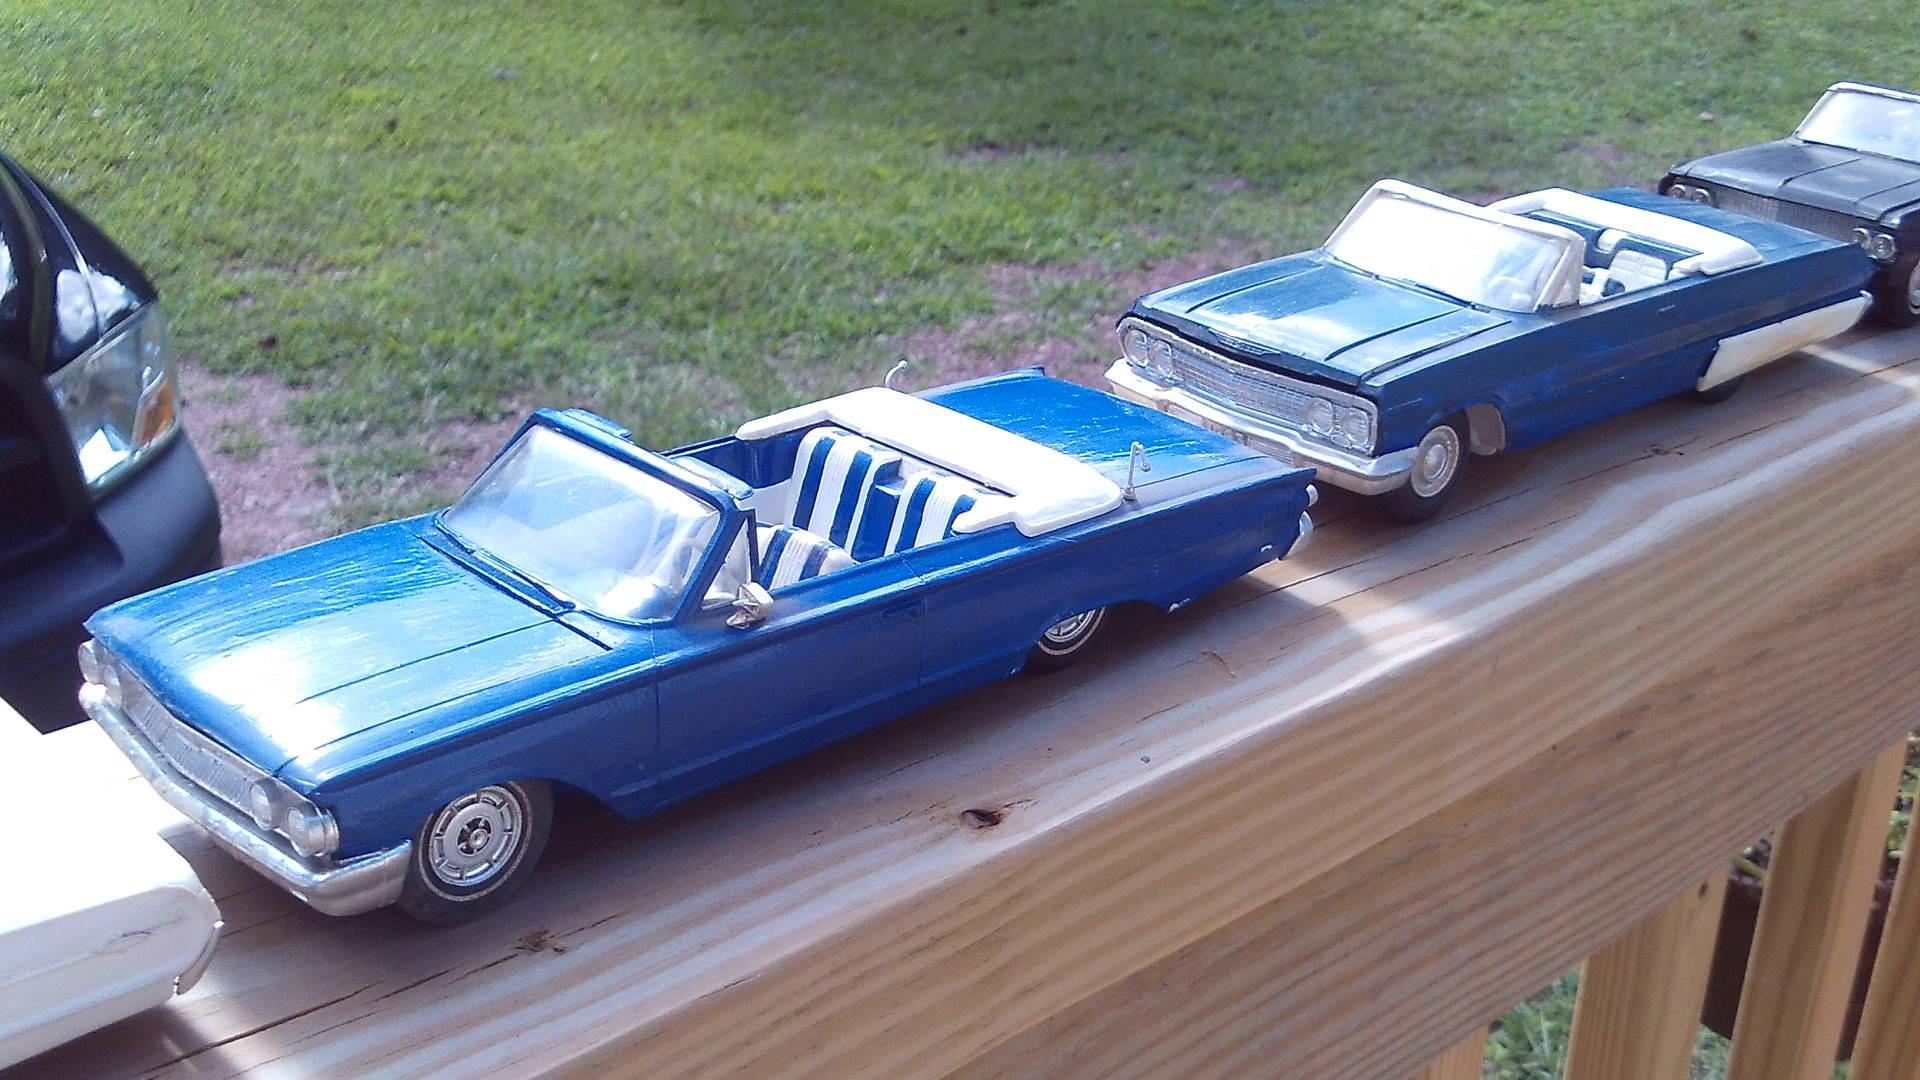 Bill's models 004.JPG